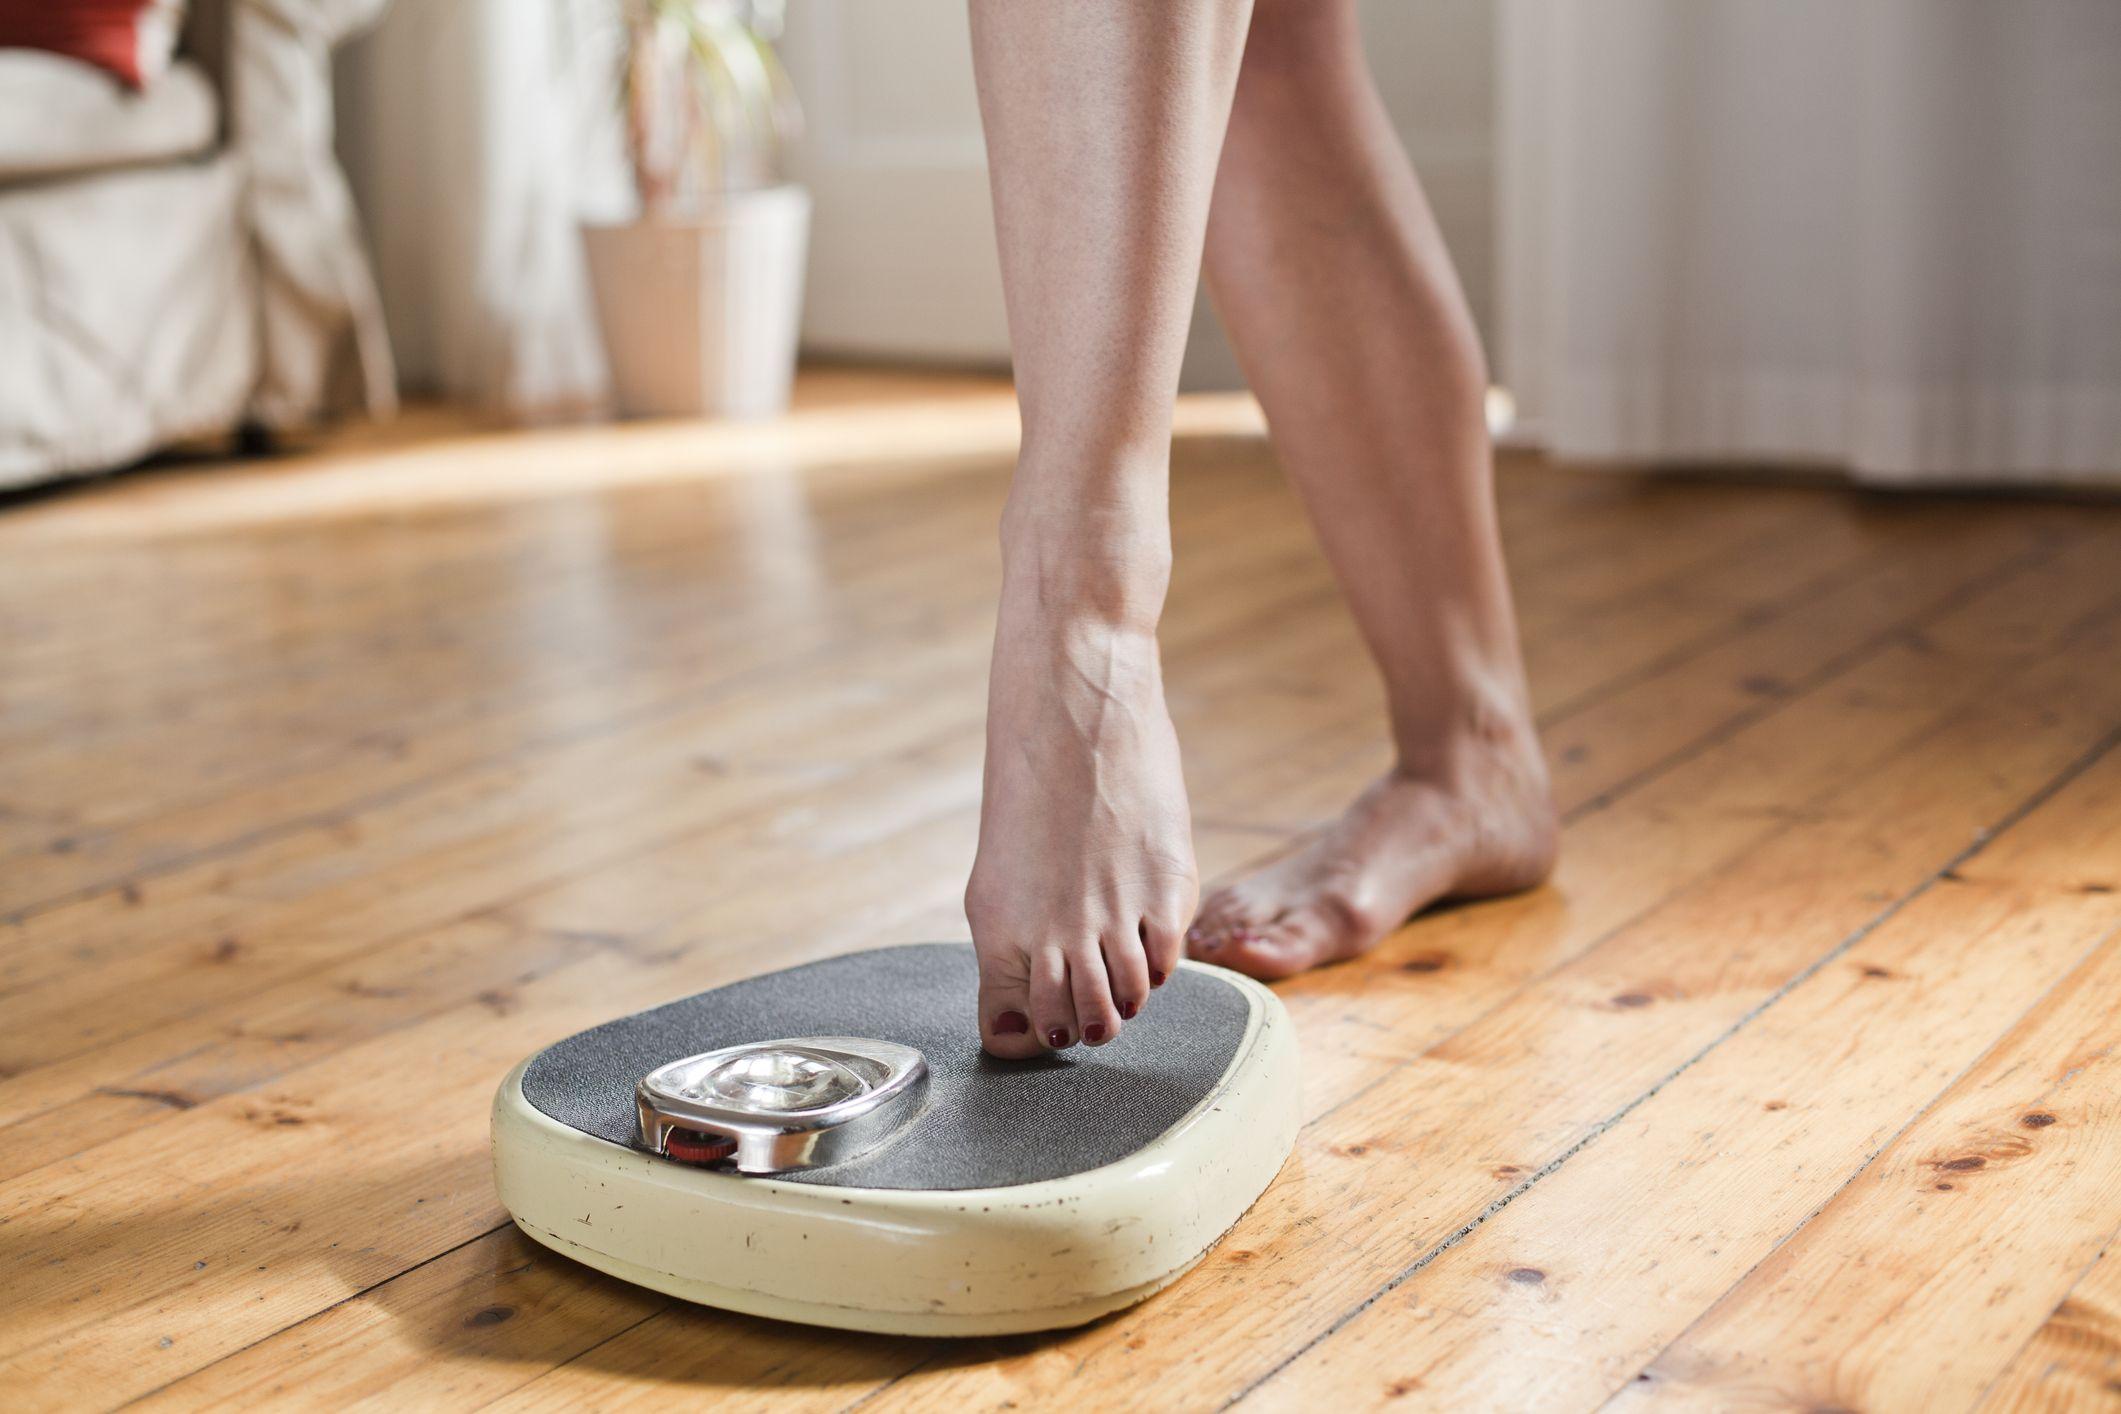 理由 体重 増える 生理 前